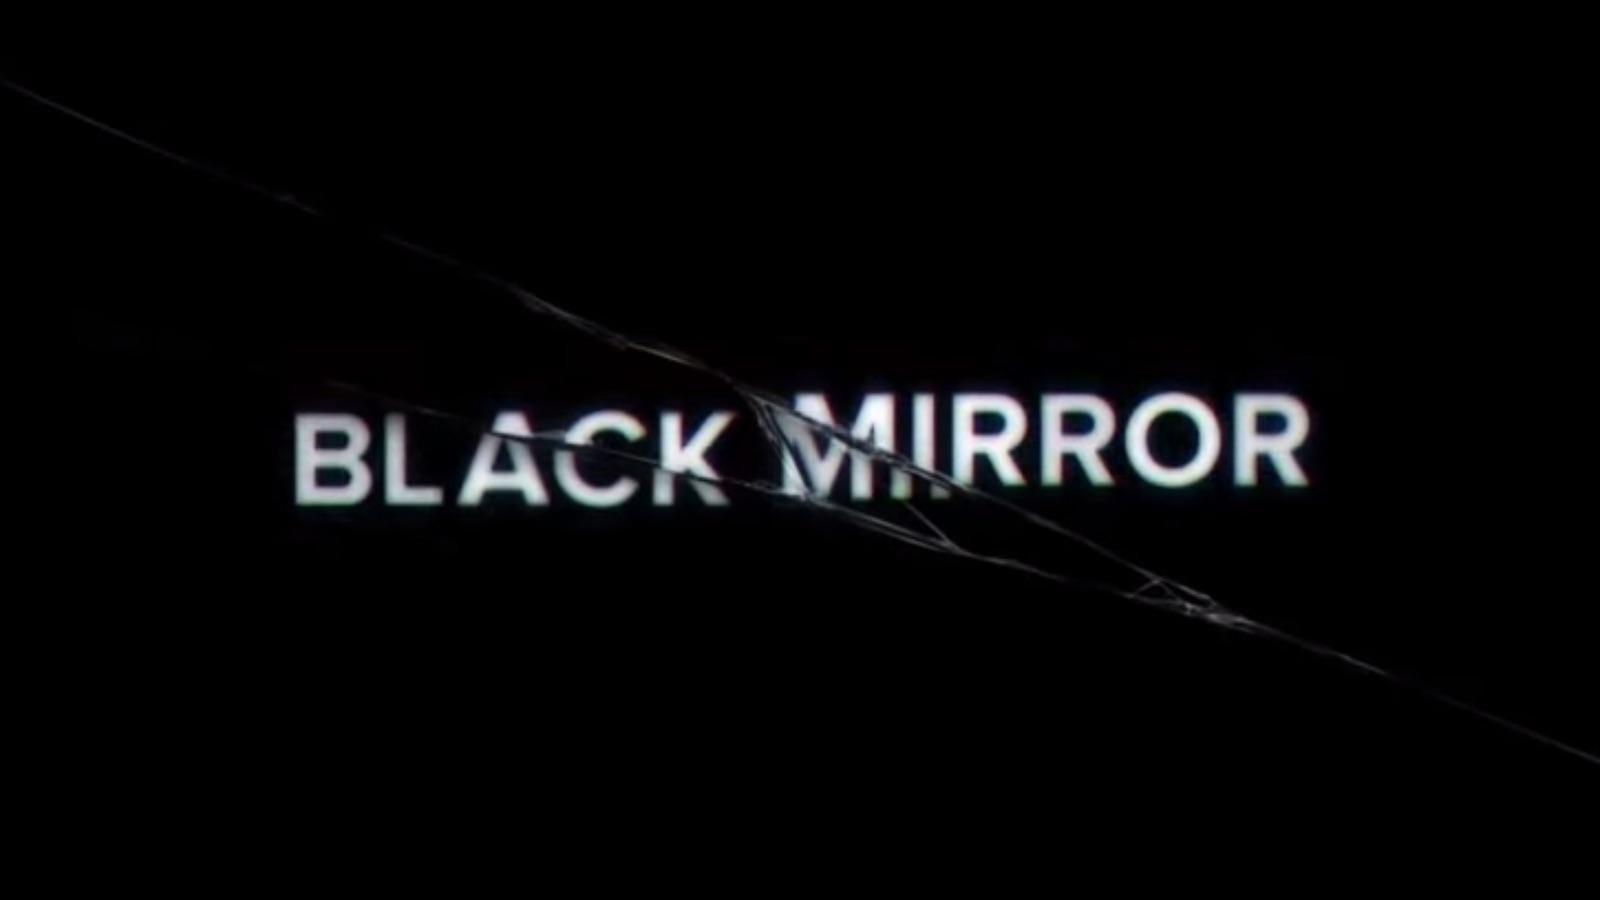 Resultado de imagen para Black mirror season 3